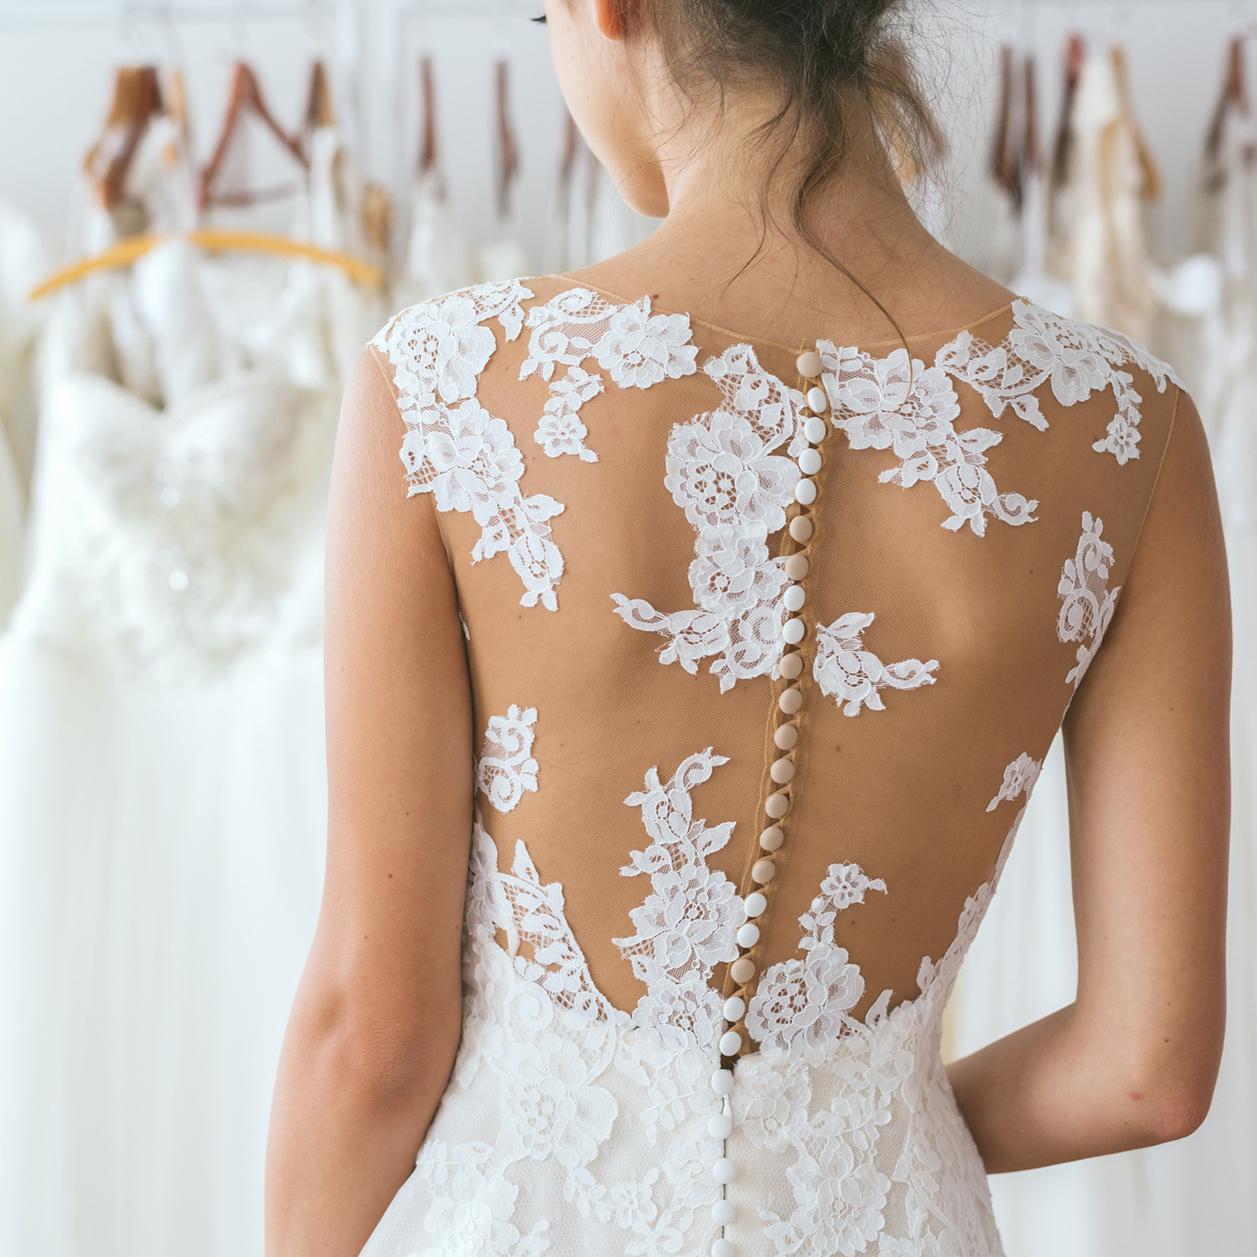 b5e83fef620b Come scegliere l abito da sposa in base alle forme del corpo